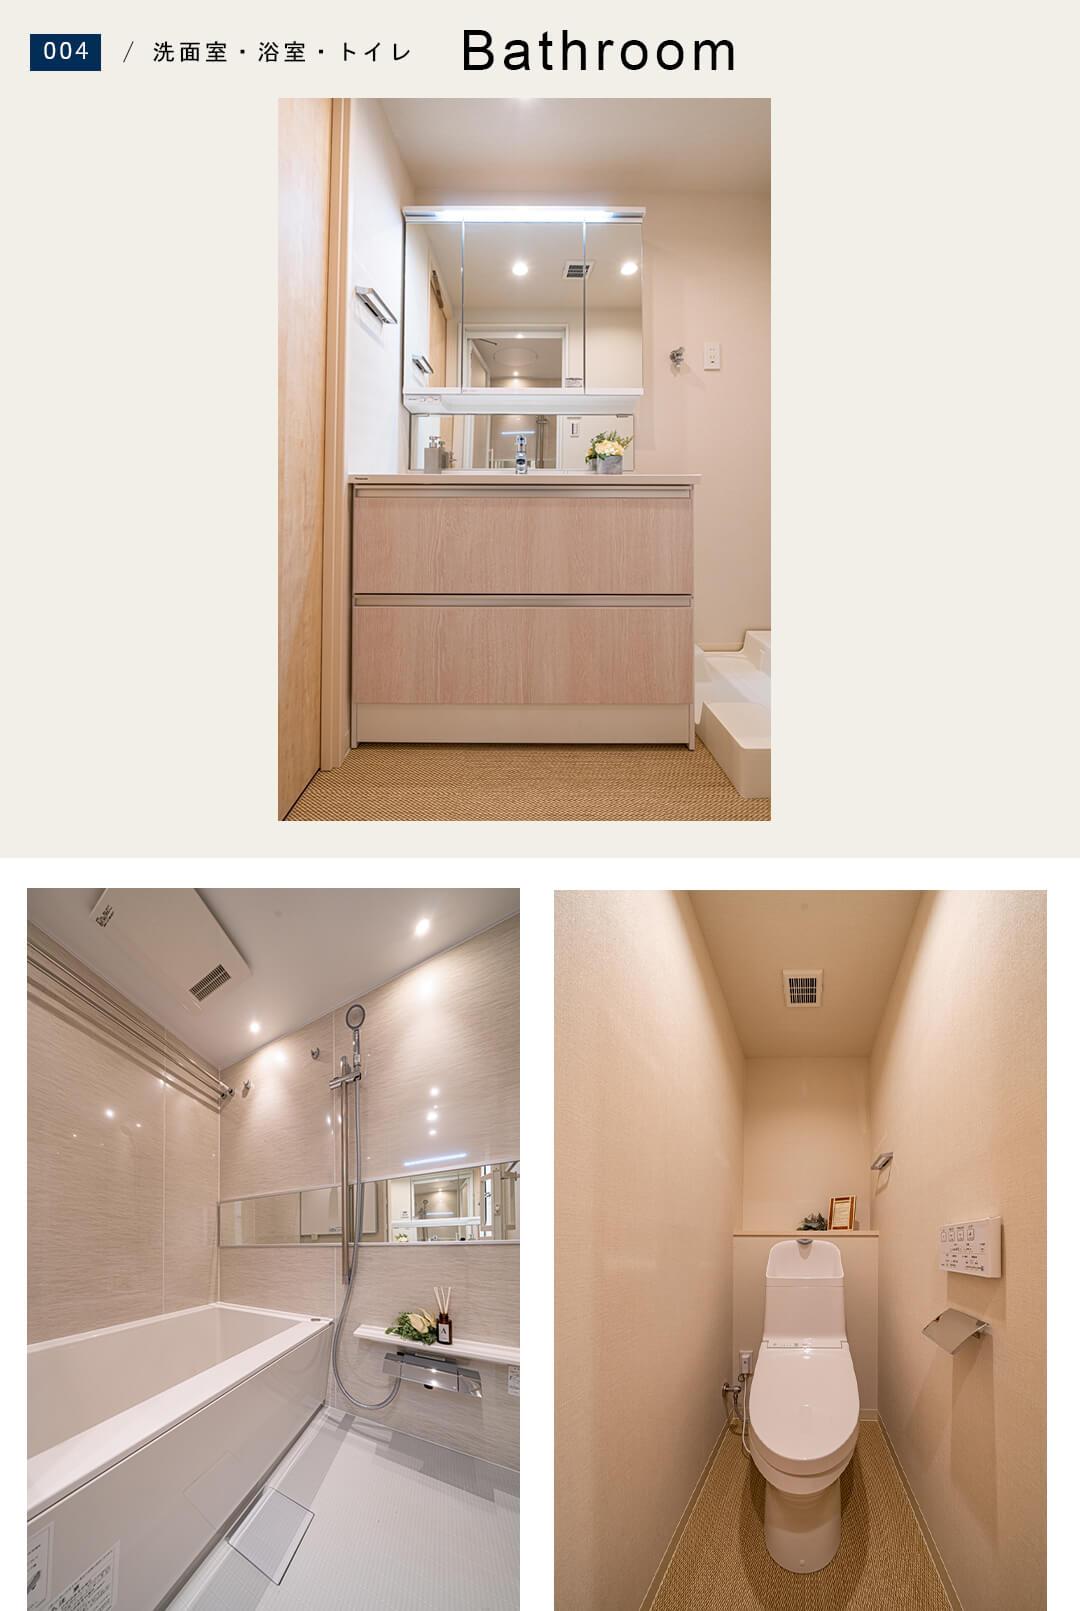 ハイネス哲学堂の洗面室と浴室とトイレ